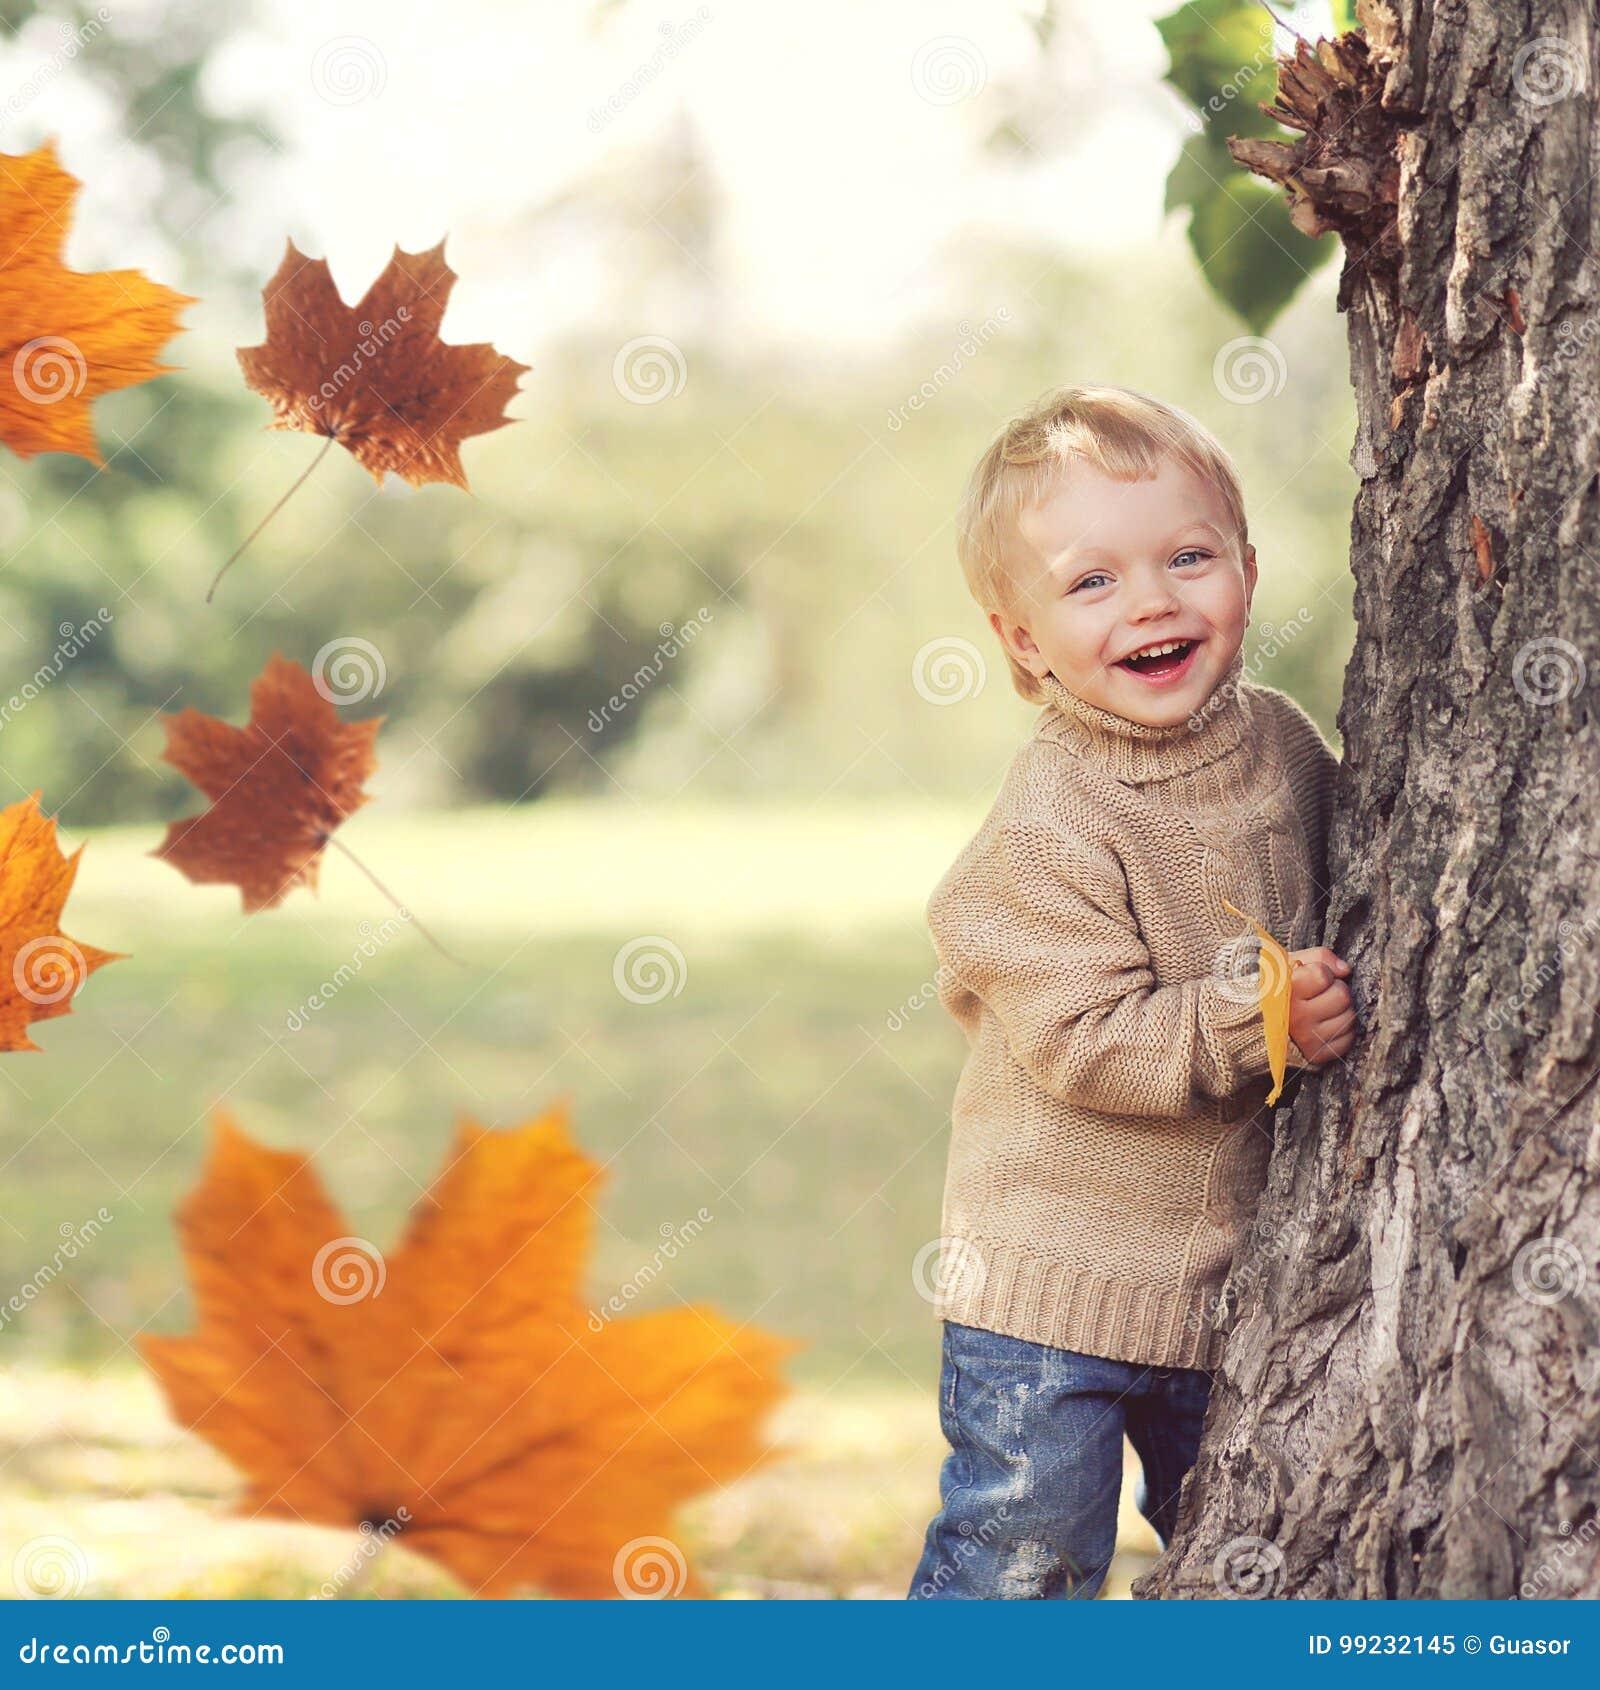 Retrato del otoño del niño feliz que juega divirtiéndose con volar las hojas de arce amarillas